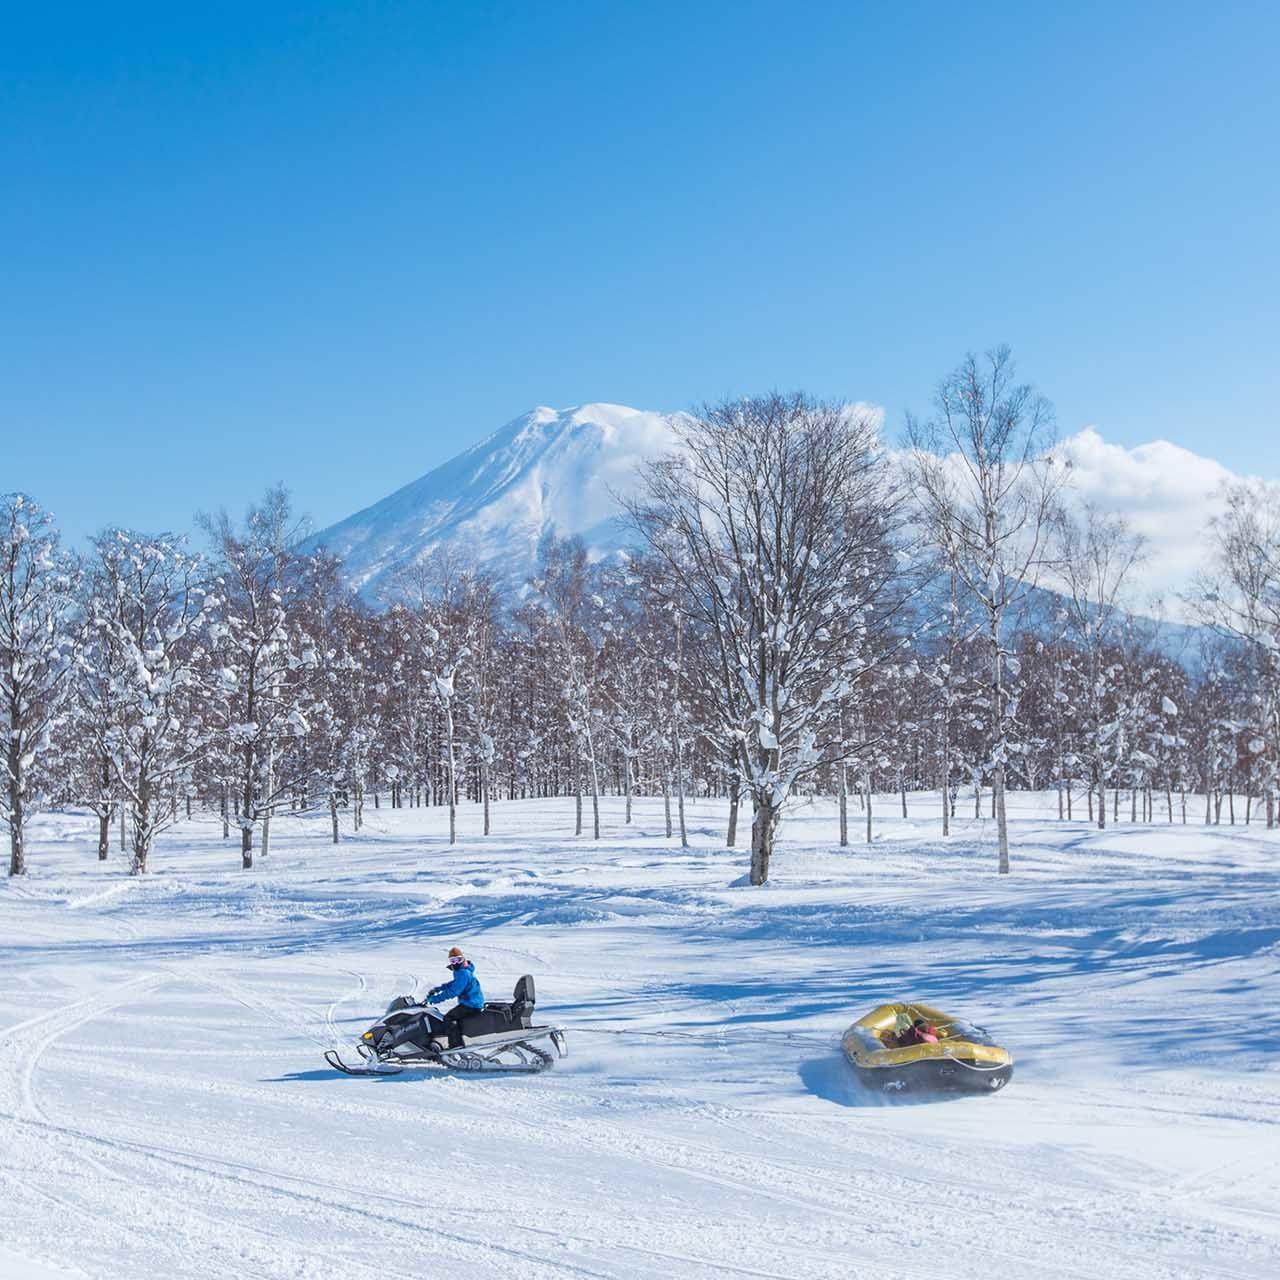 snow rafting in niseko village